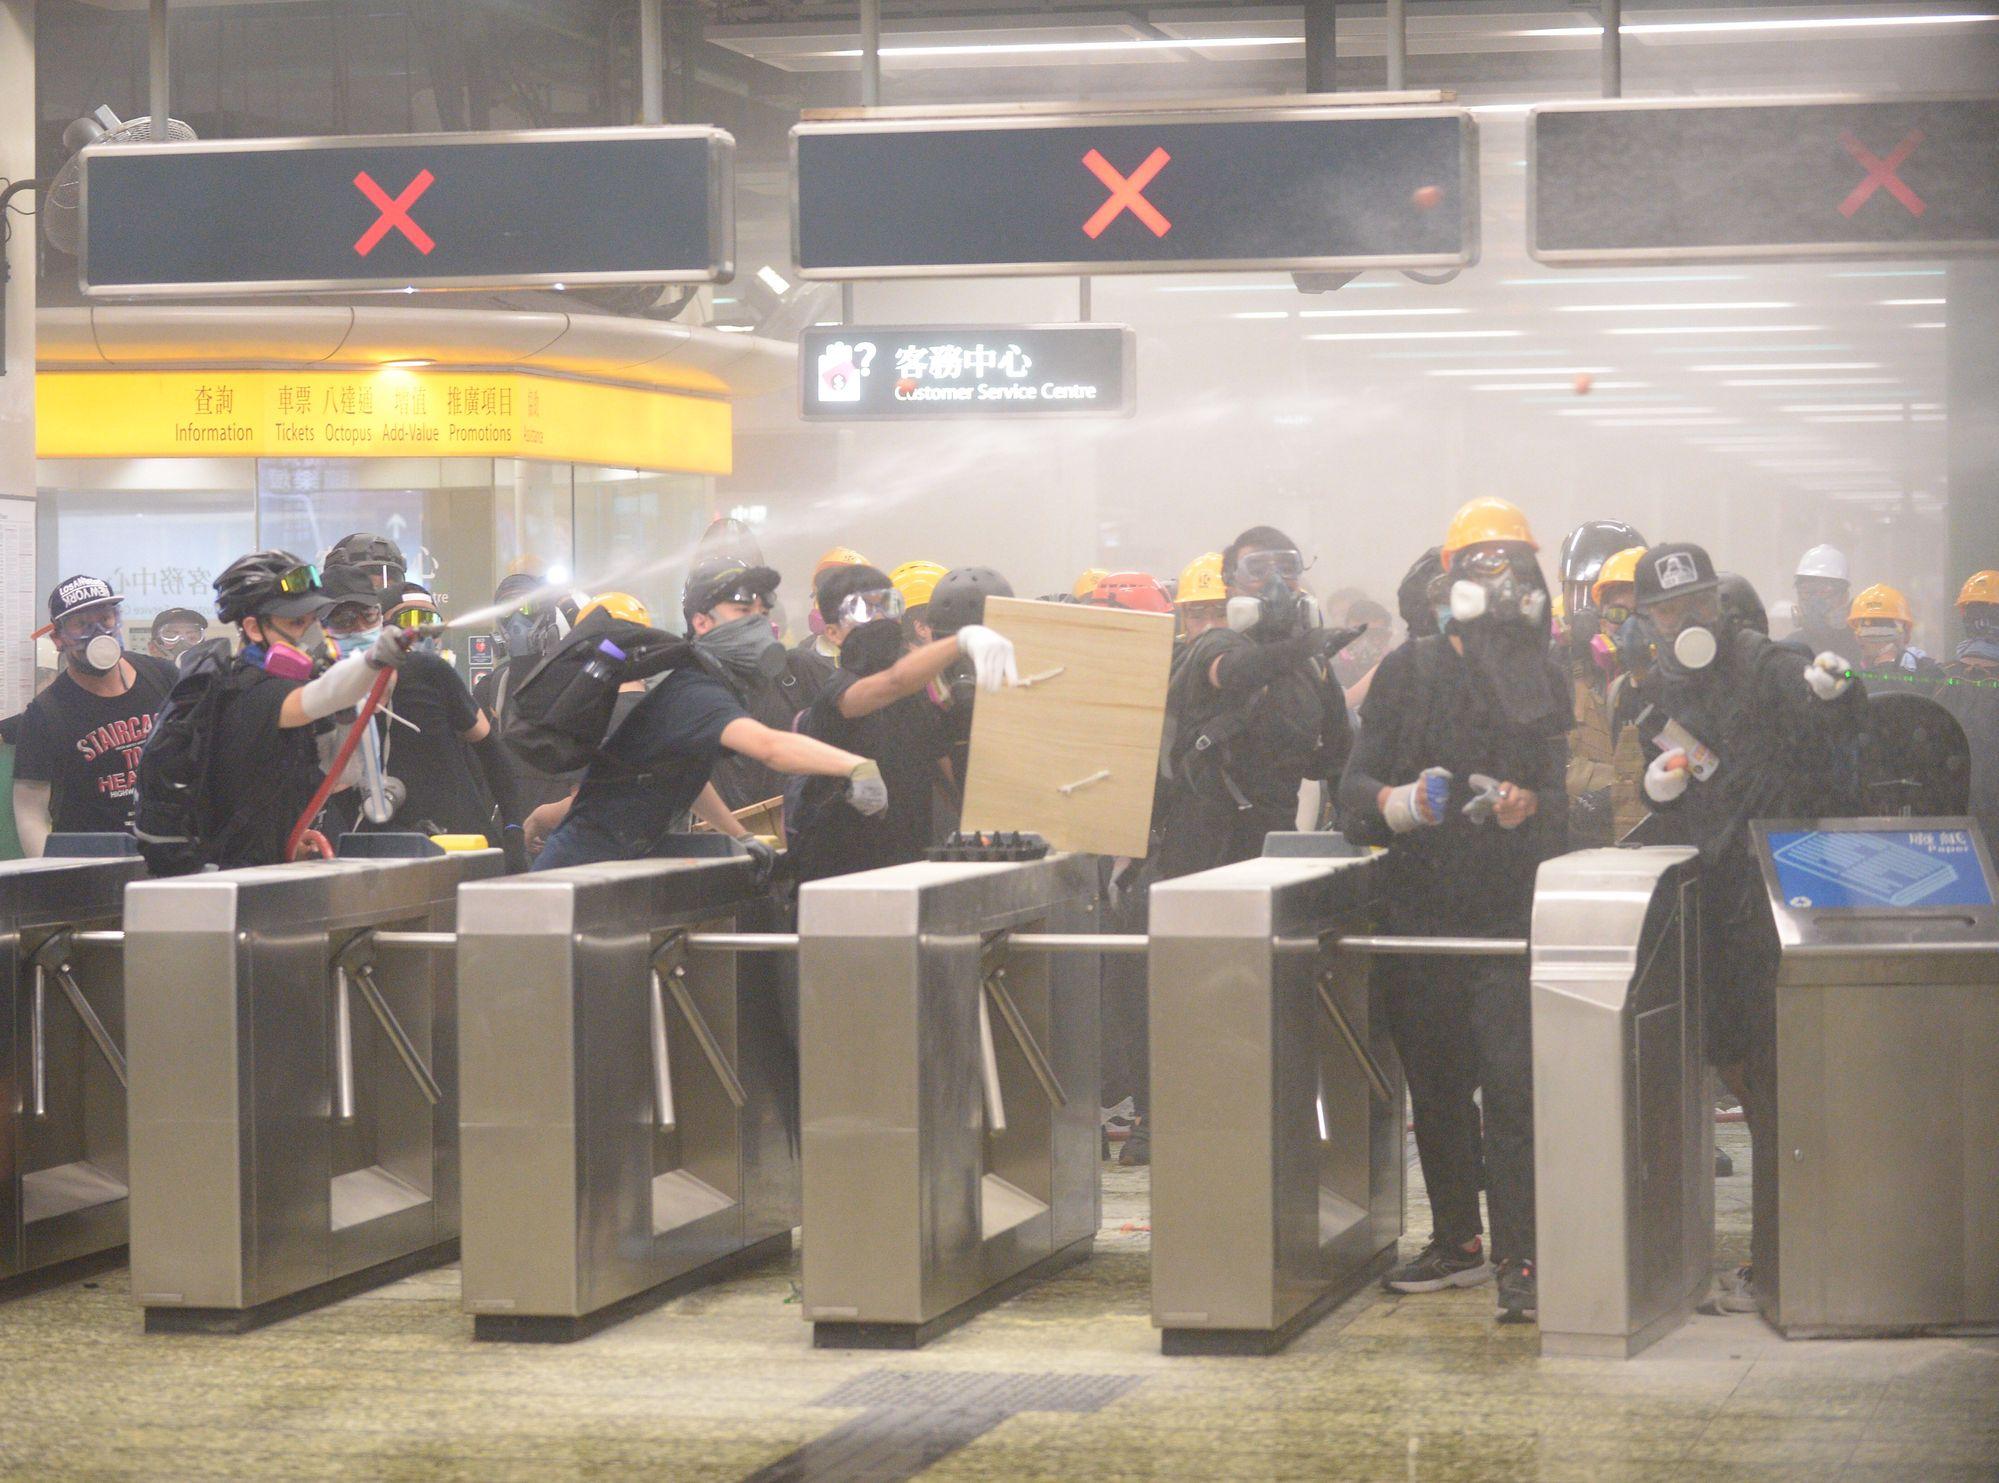 葵芳站上周日有示威者與警察爆發激烈衝突。資料圖片